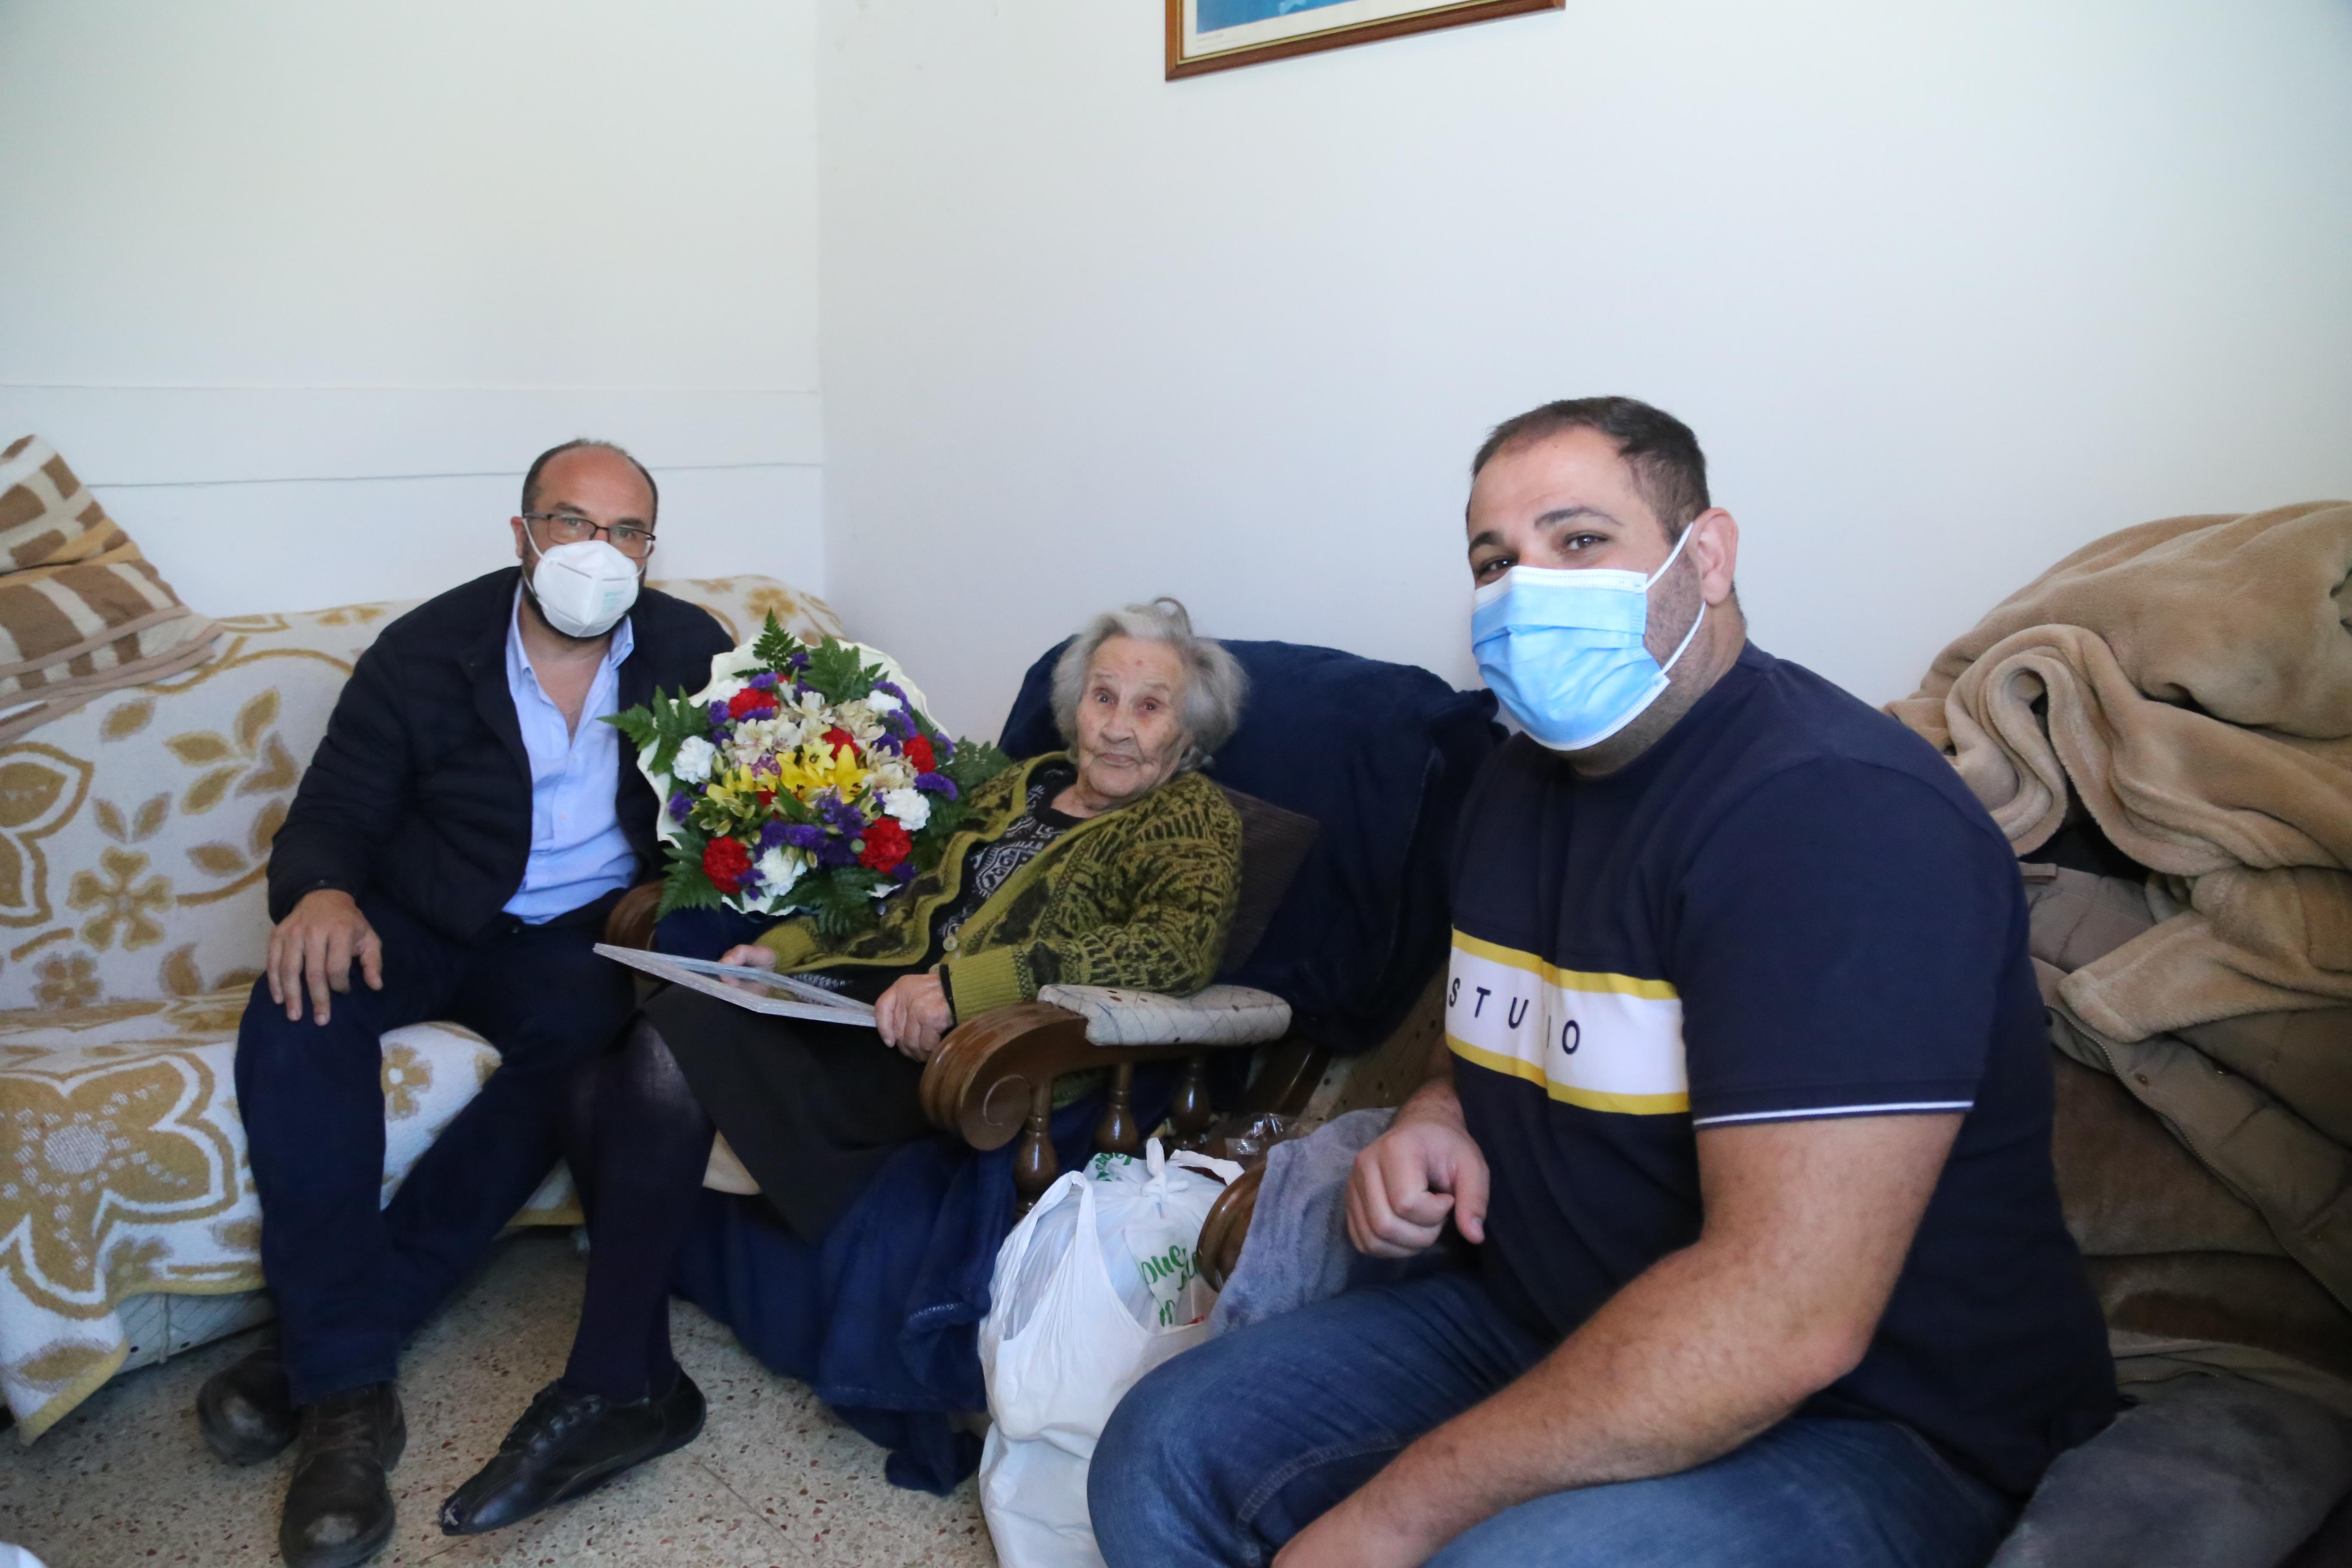 La abuela de Valleseco cumple 104 años / CanariasNoticias.es